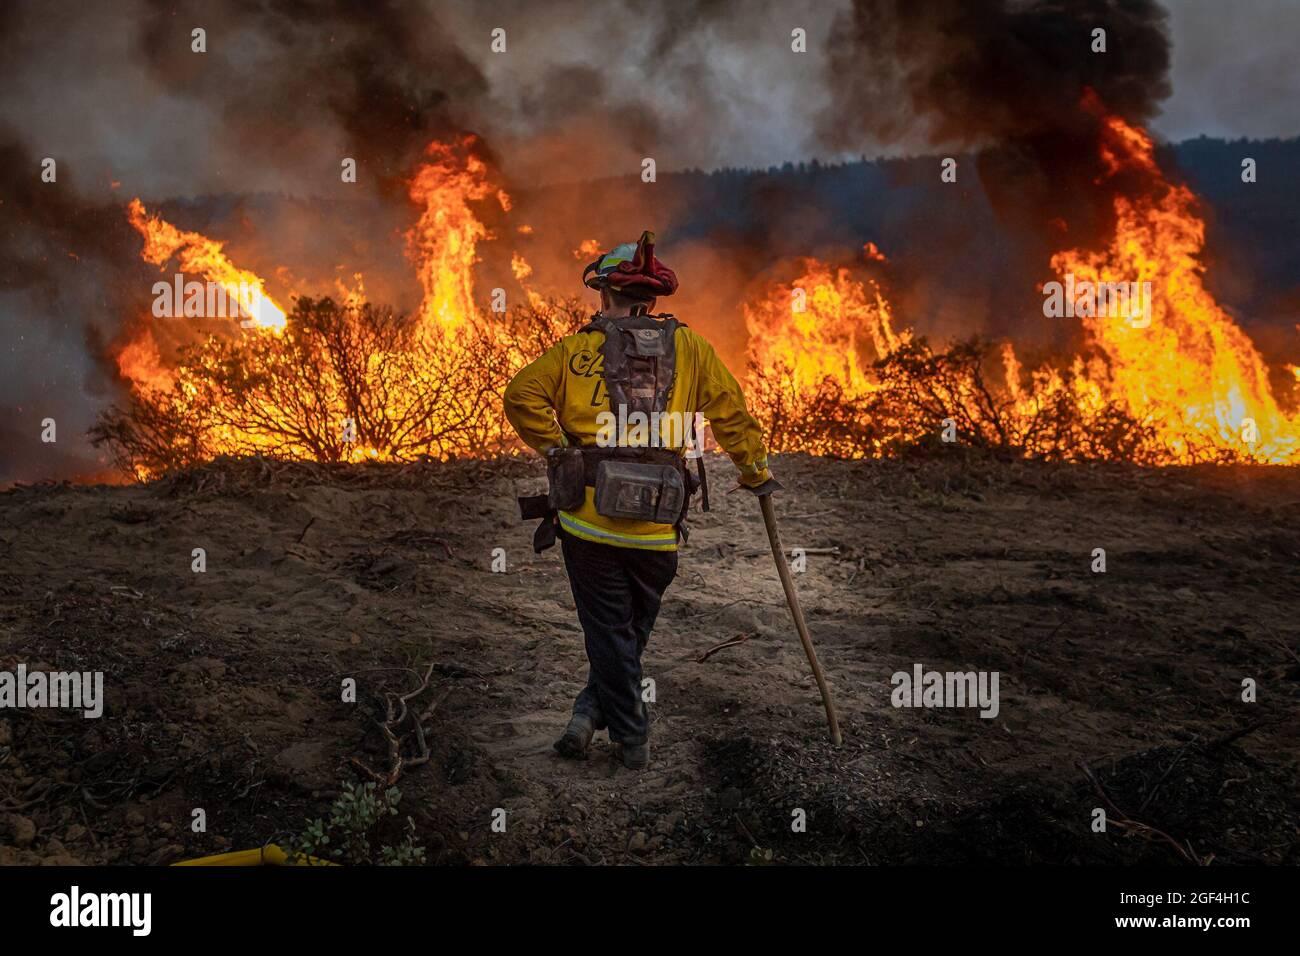 Caldor, Usa. August 2021. Das kalifornische Caldor-Feuer bewegt sich nach Osten in Richtung Lake Tahoe, während die Besatzungen weiterhin gegen ein Feuer kämpfen, das auf mehr als 170 Quadratmeilen mit nur 5 % Eindämmung angewachsen ist. (Foto: Michael Nigro/Pacific Press) Quelle: Pacific Press Media Production Corp./Alamy Live News Stockfoto